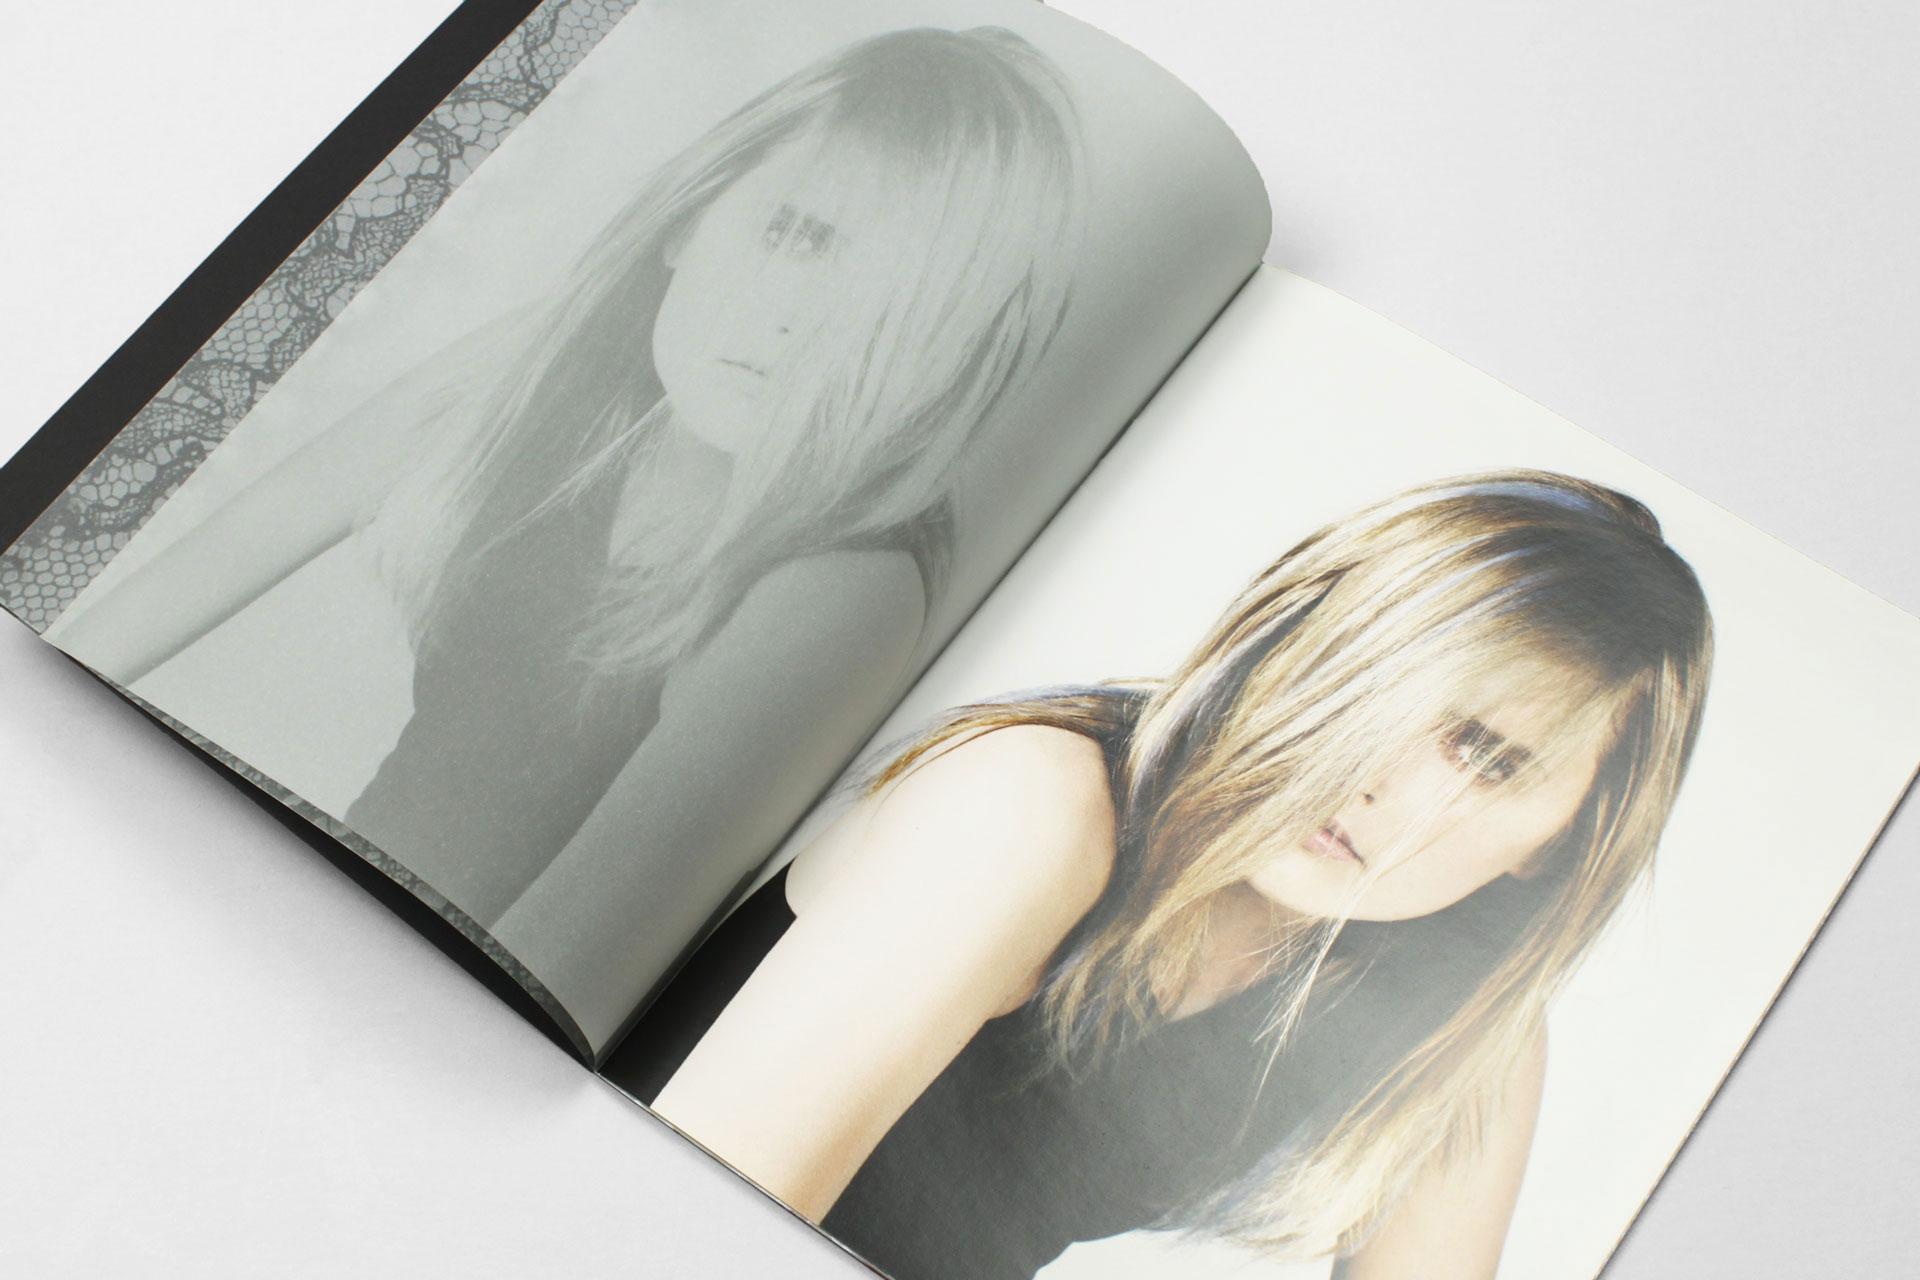 Maje x Vanessa Traina